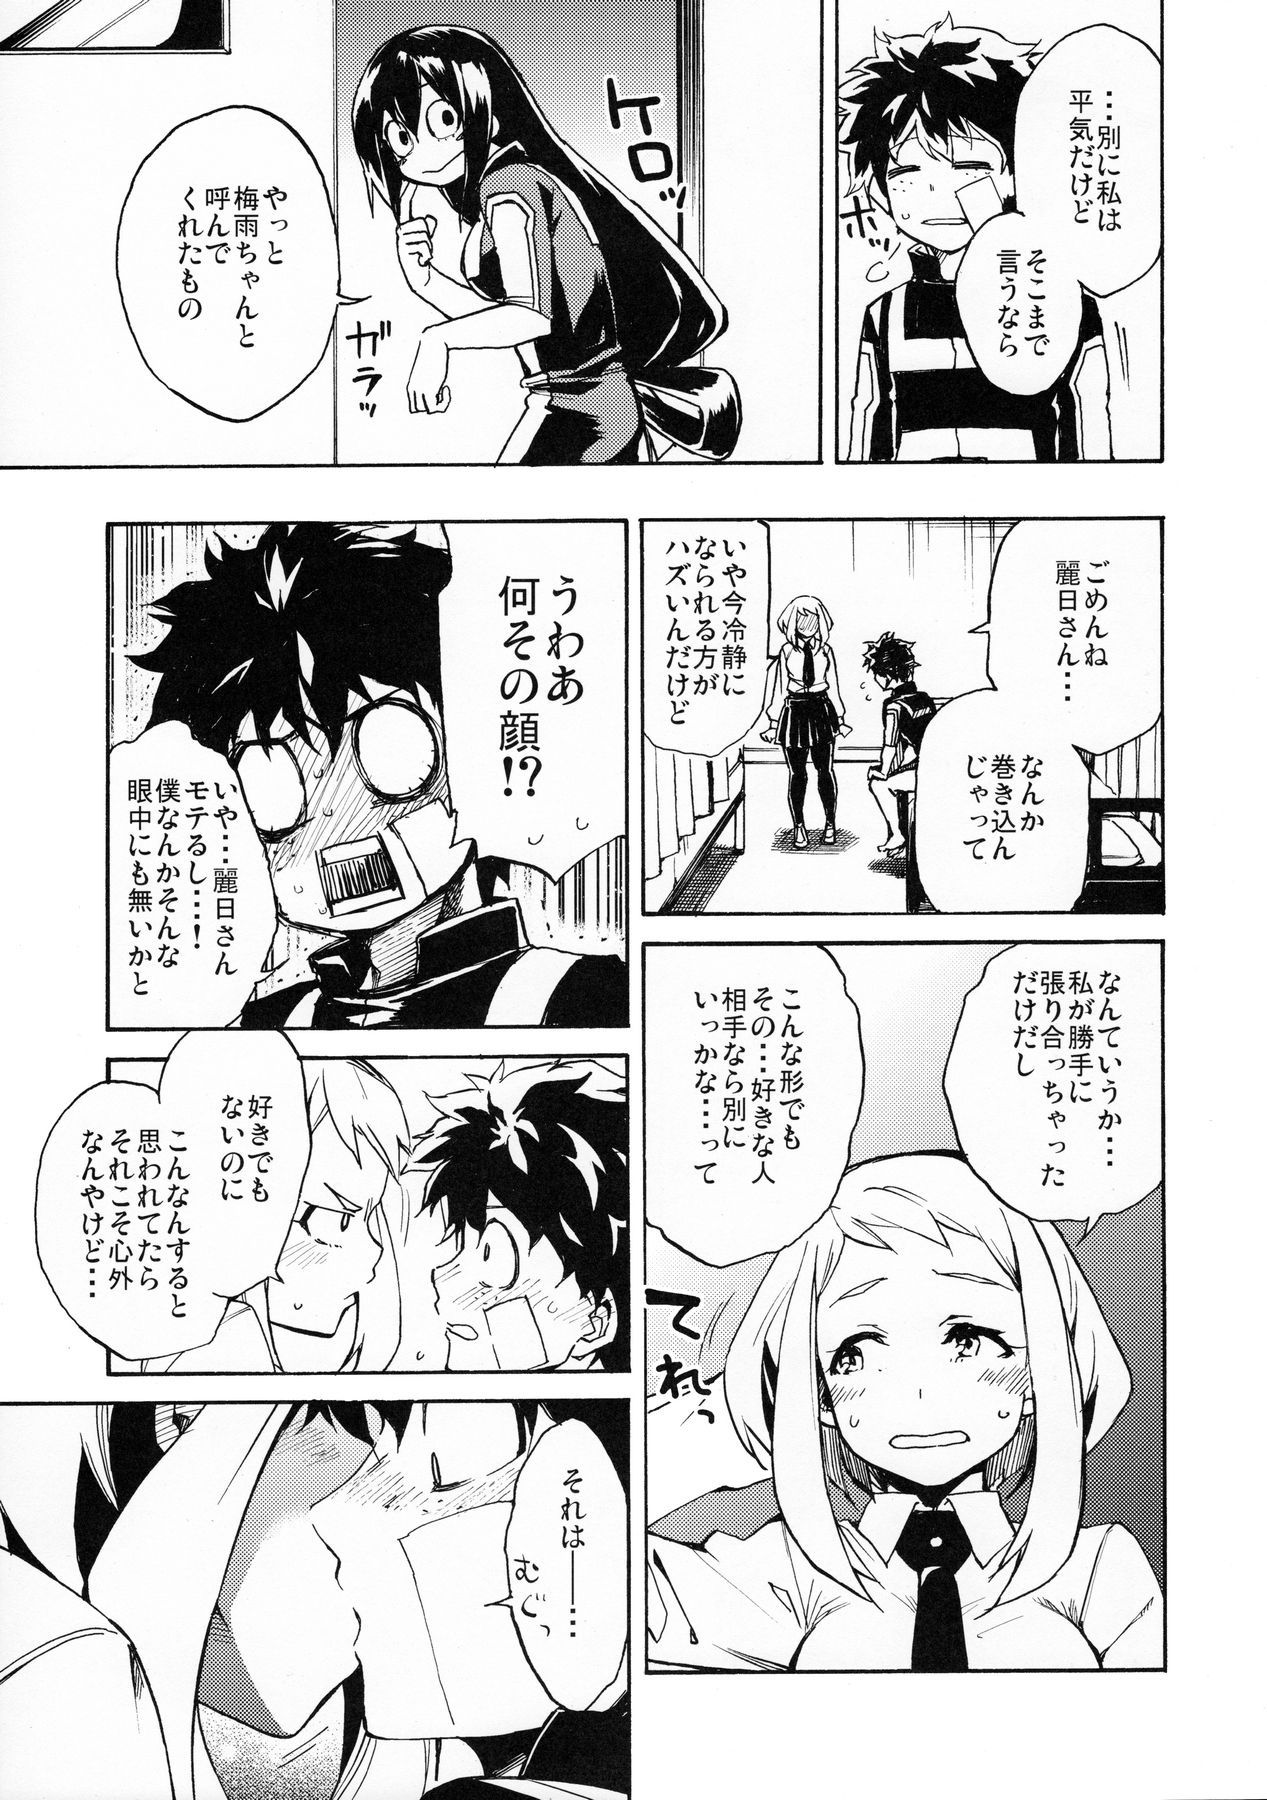 Ukiseikou hentai manga picture 14